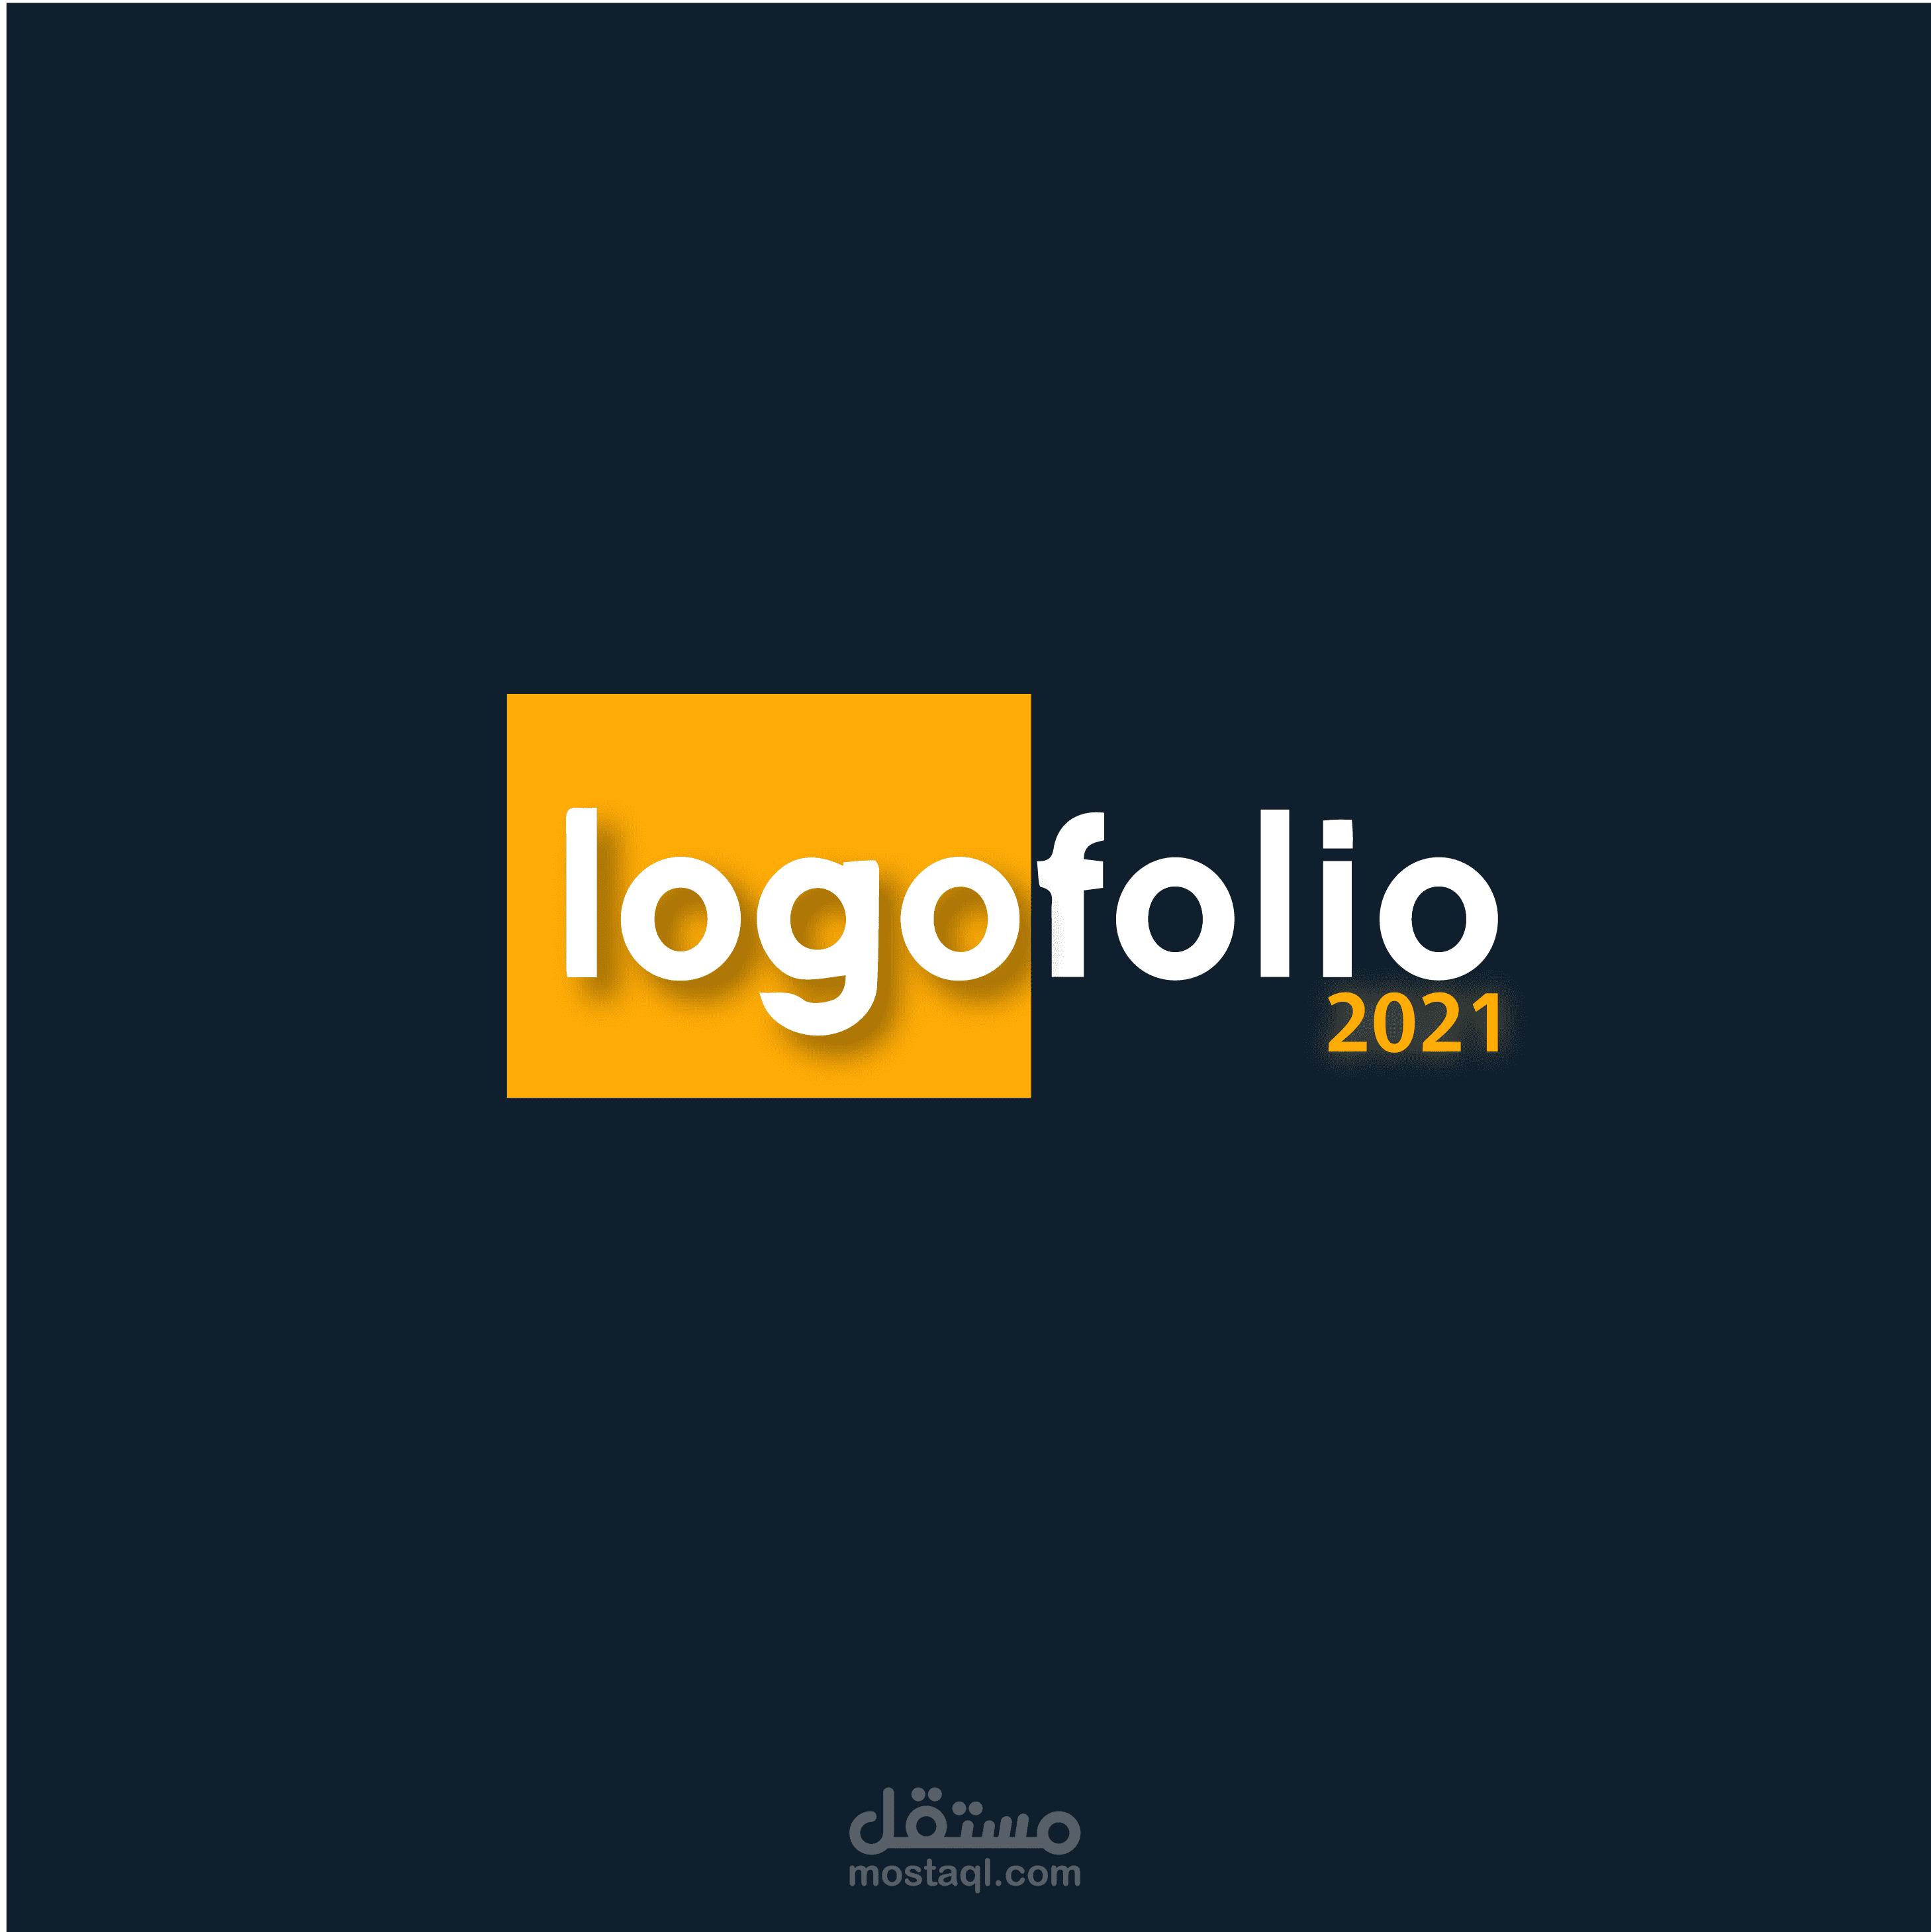 Logofolio ( مجموعة تصاميم شعارات متنوعة )